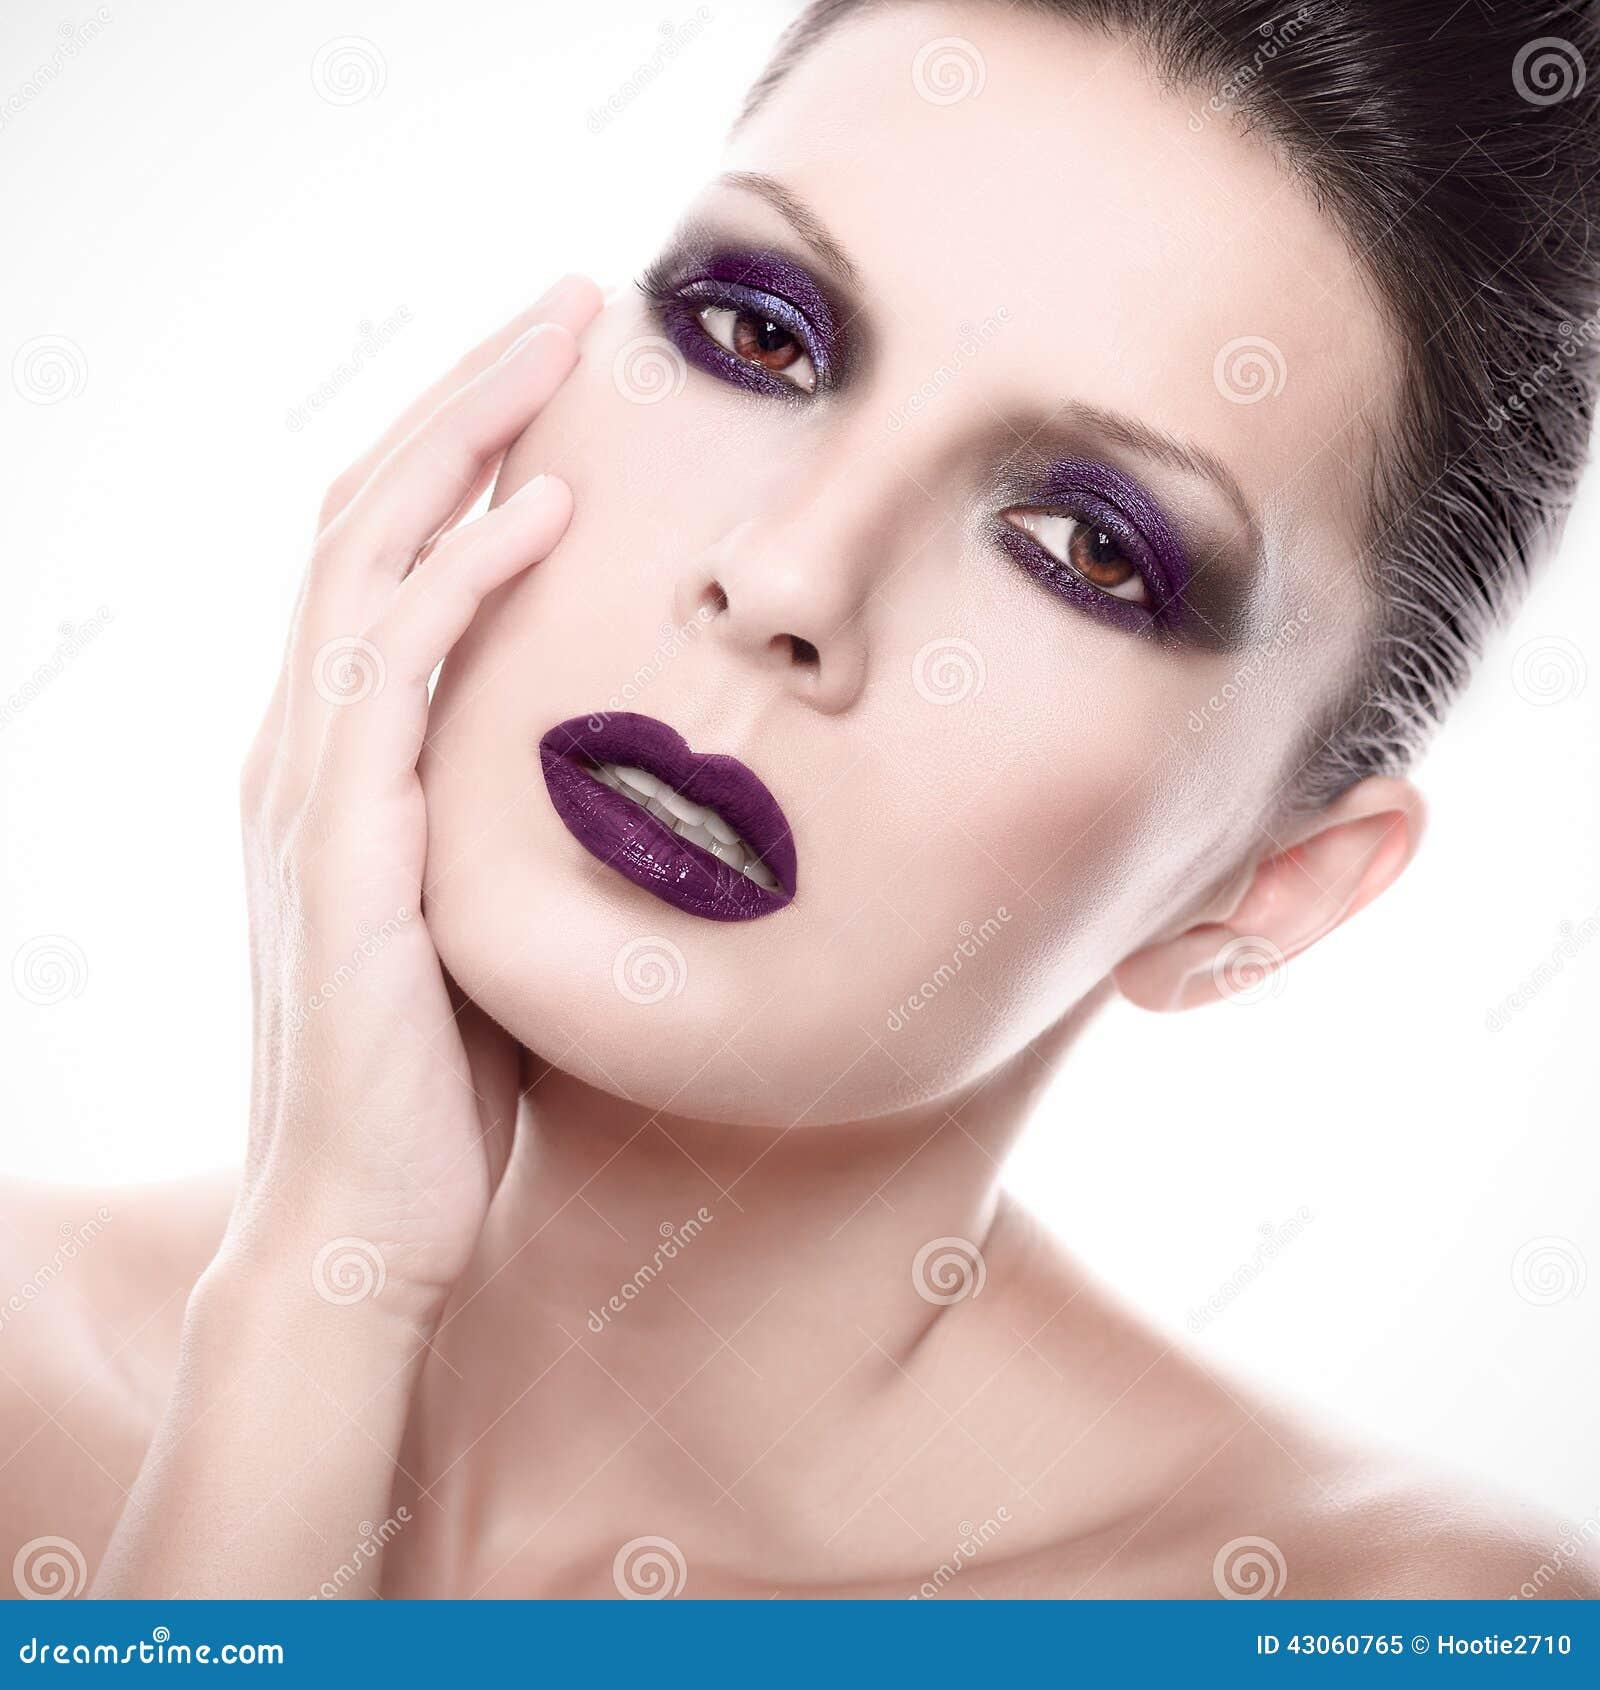 belle femme avec le maquillage gothique fonc photo stock image 43060765. Black Bedroom Furniture Sets. Home Design Ideas